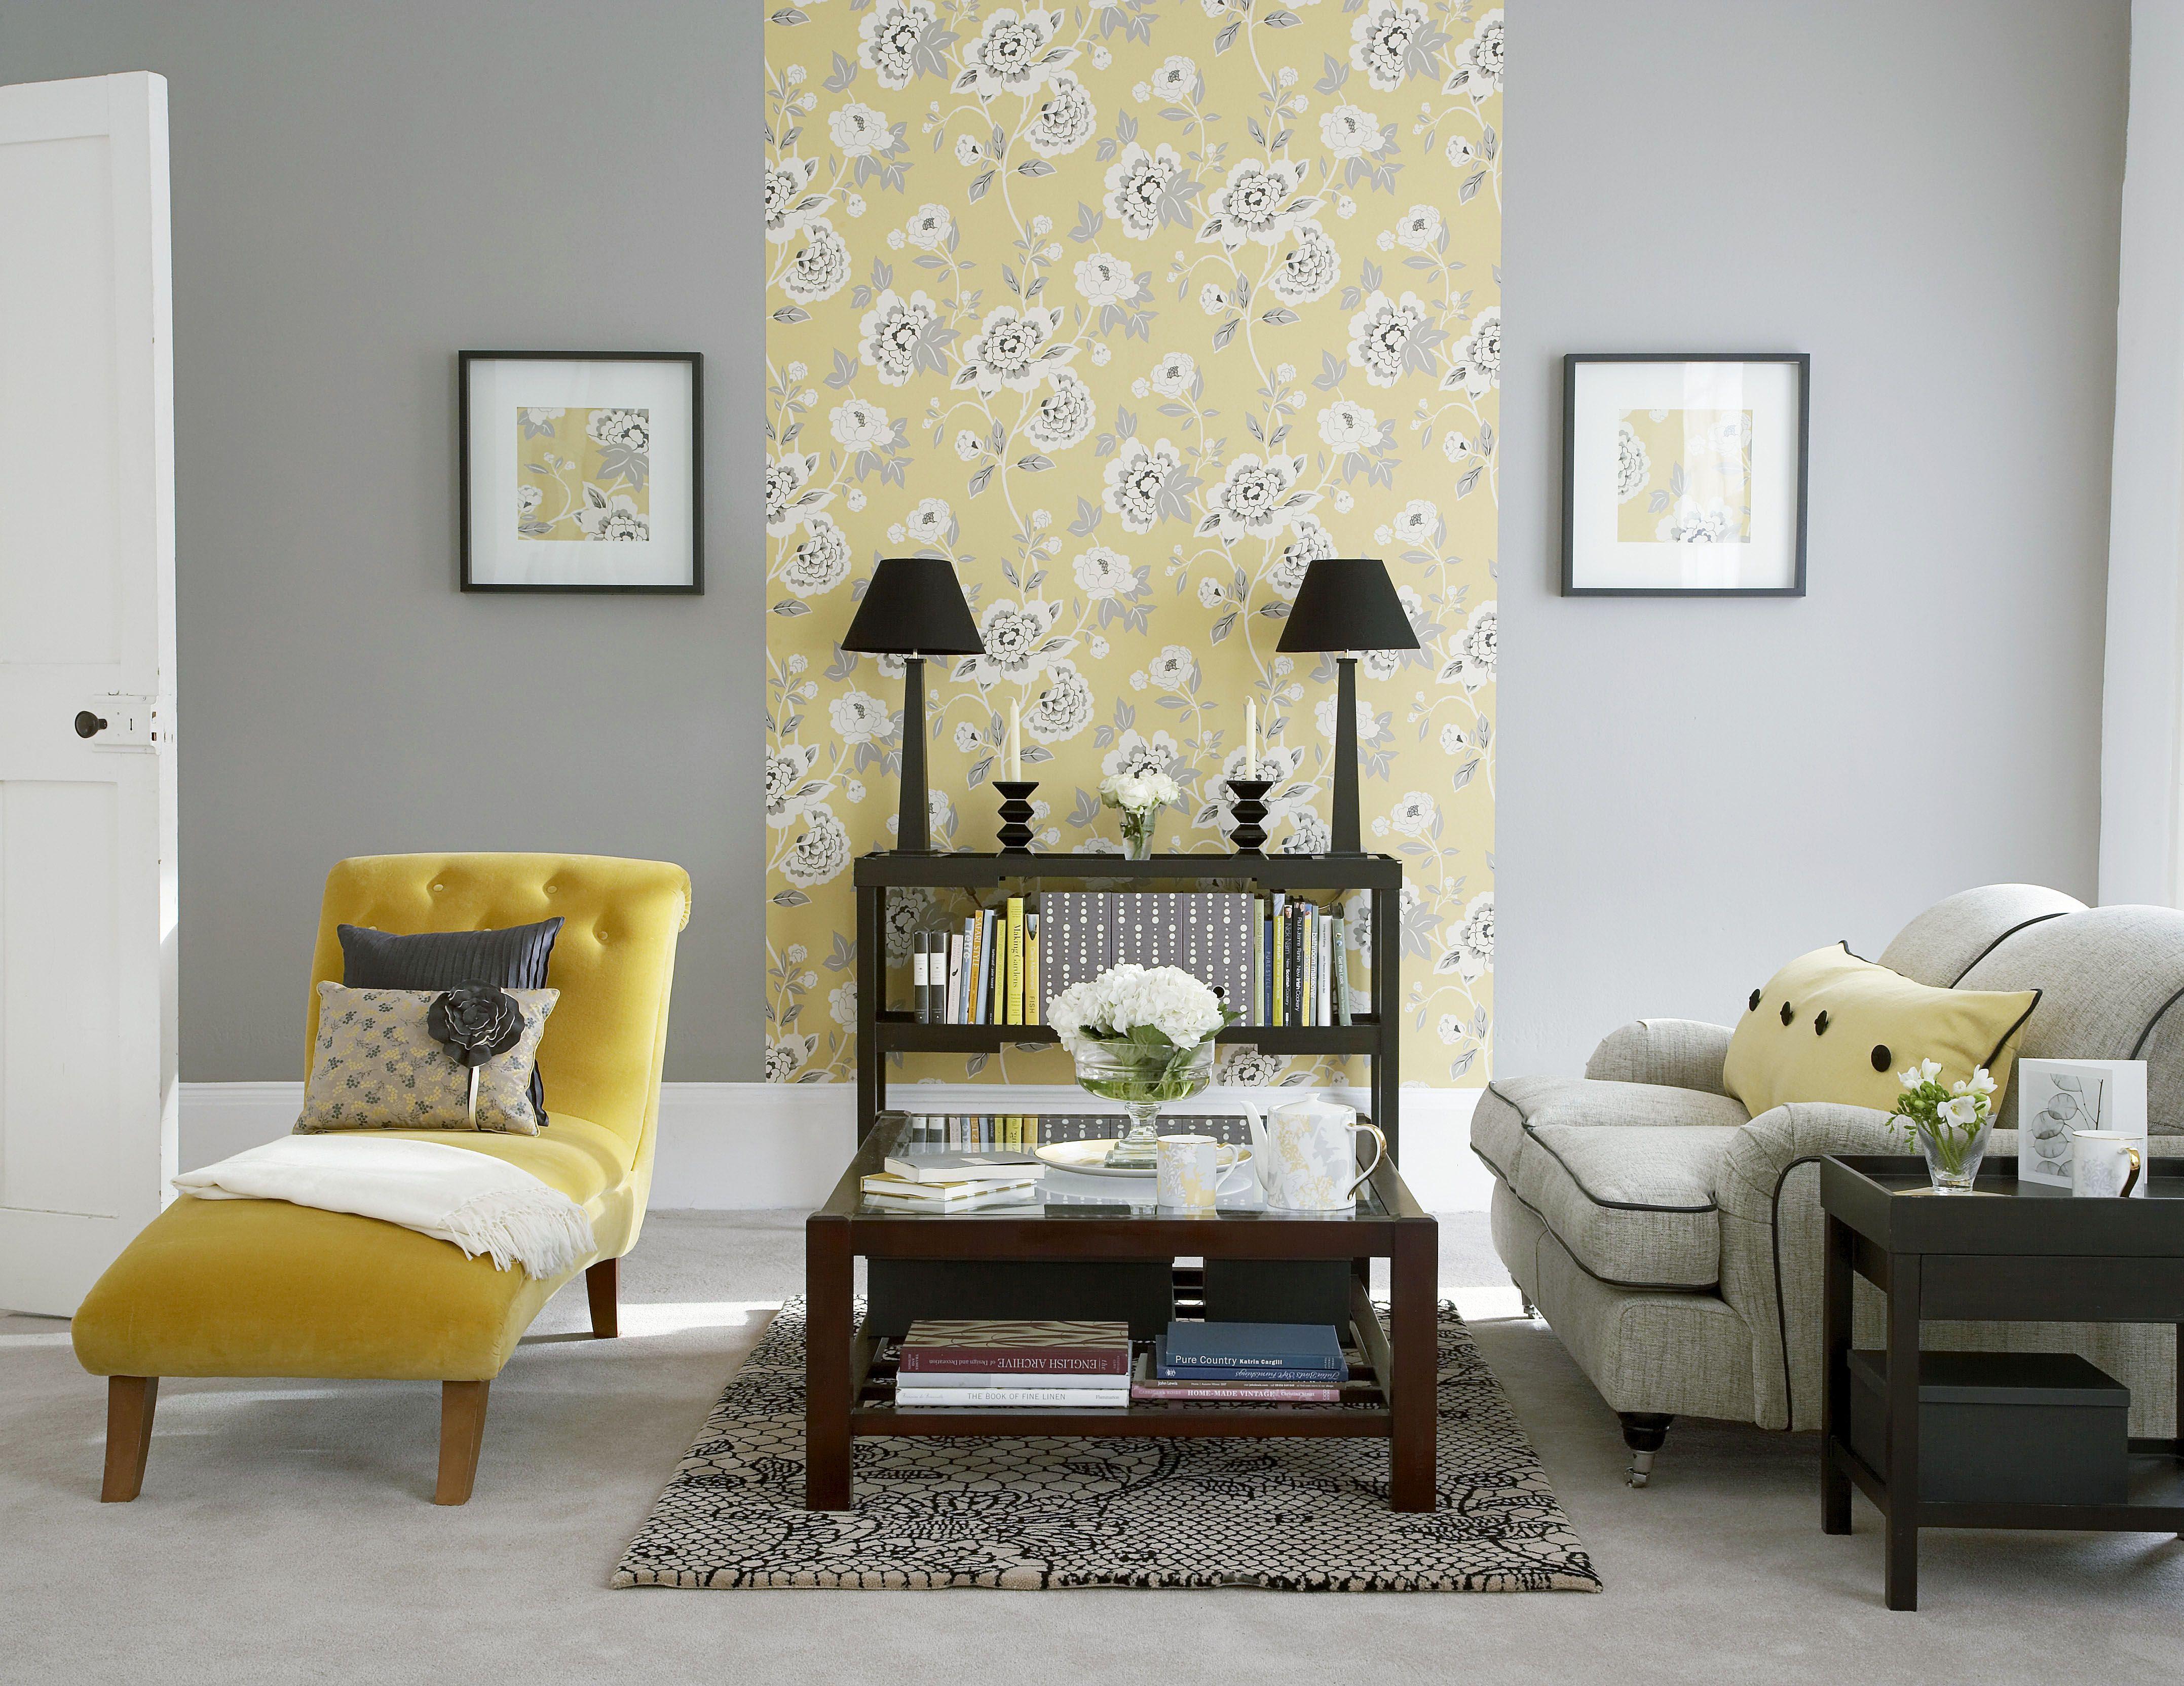 8 Best Living Room Paint Color Ideas - Top Paint Colors for